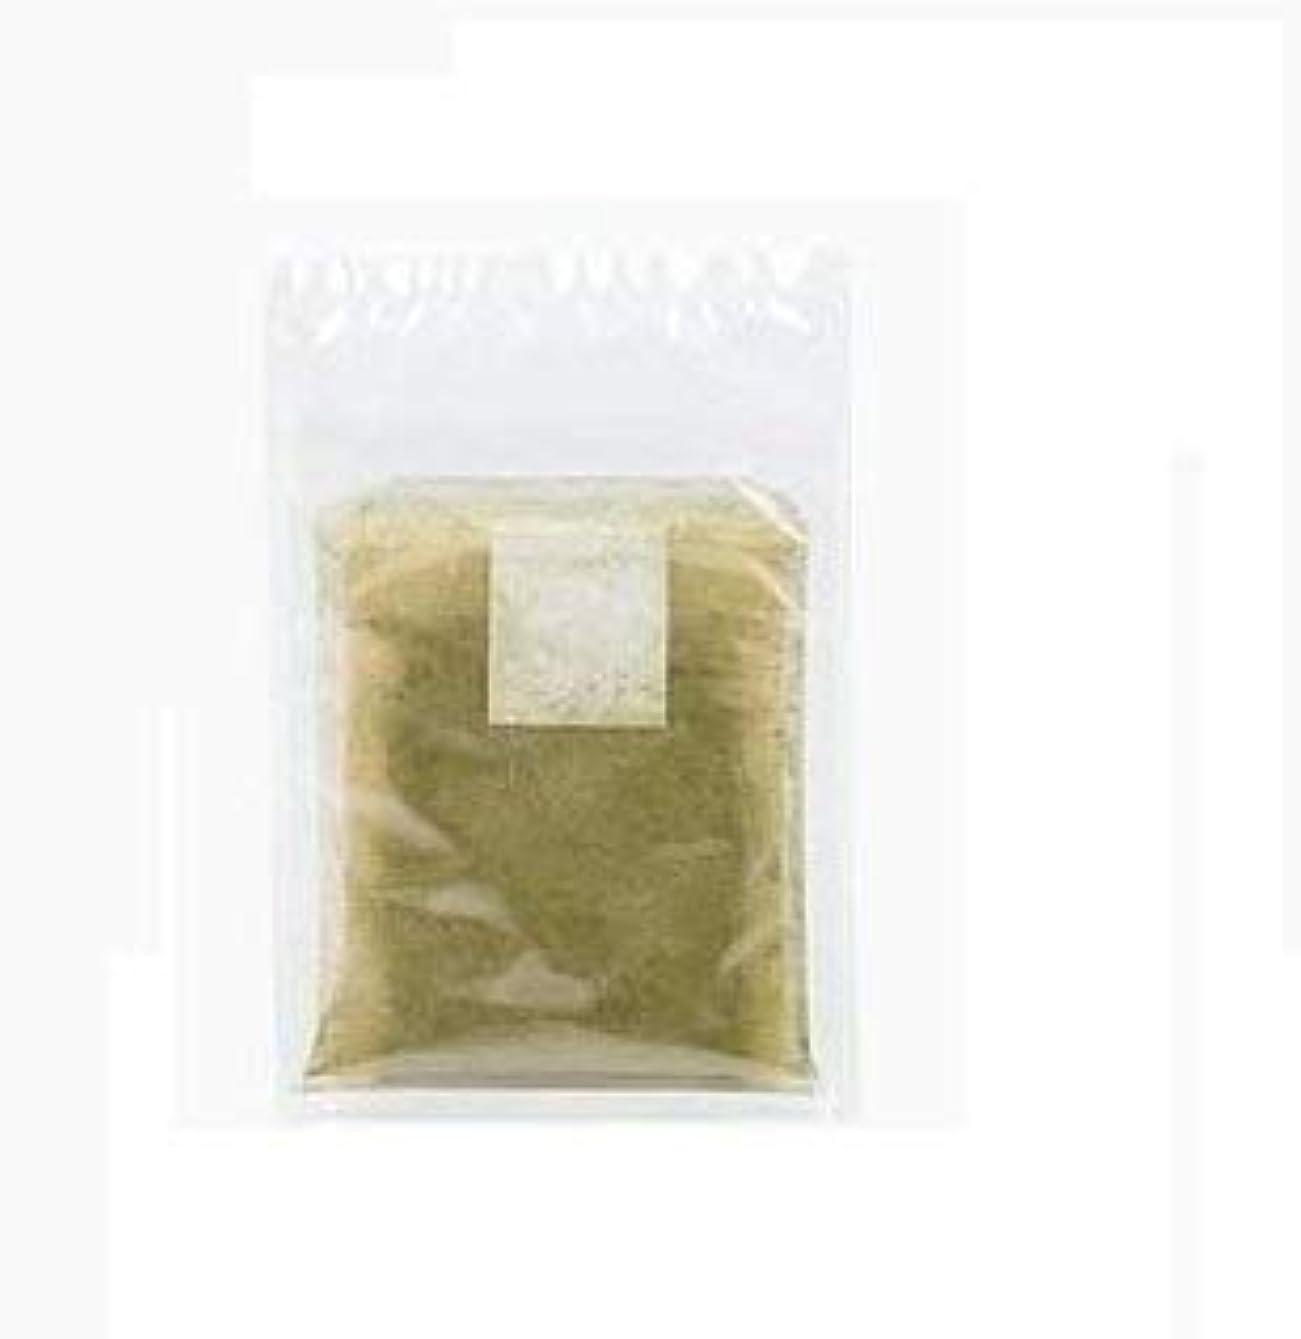 裁判所音節硬化するメール便 美身麗茶 びしんれいちゃ 3g×3包 アップルティー味 ダイエット 健康茶 オーガニック デトックス スリム ヘルシー 美容 スリムボディ 日本製